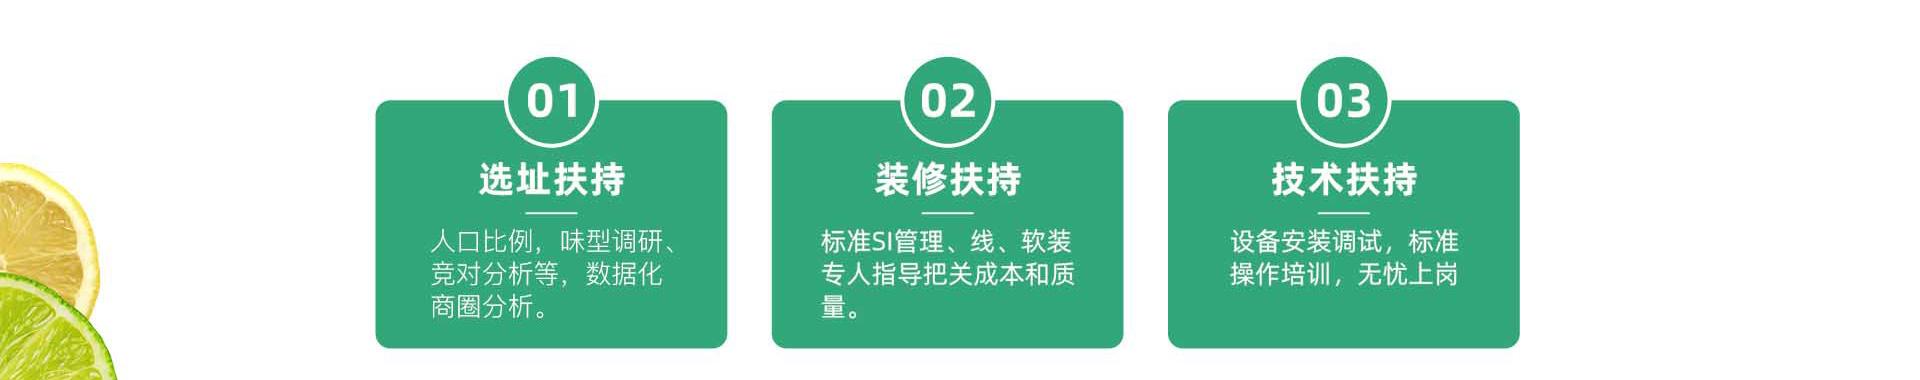 酸小七果味酸汤鱼新版详情页_22